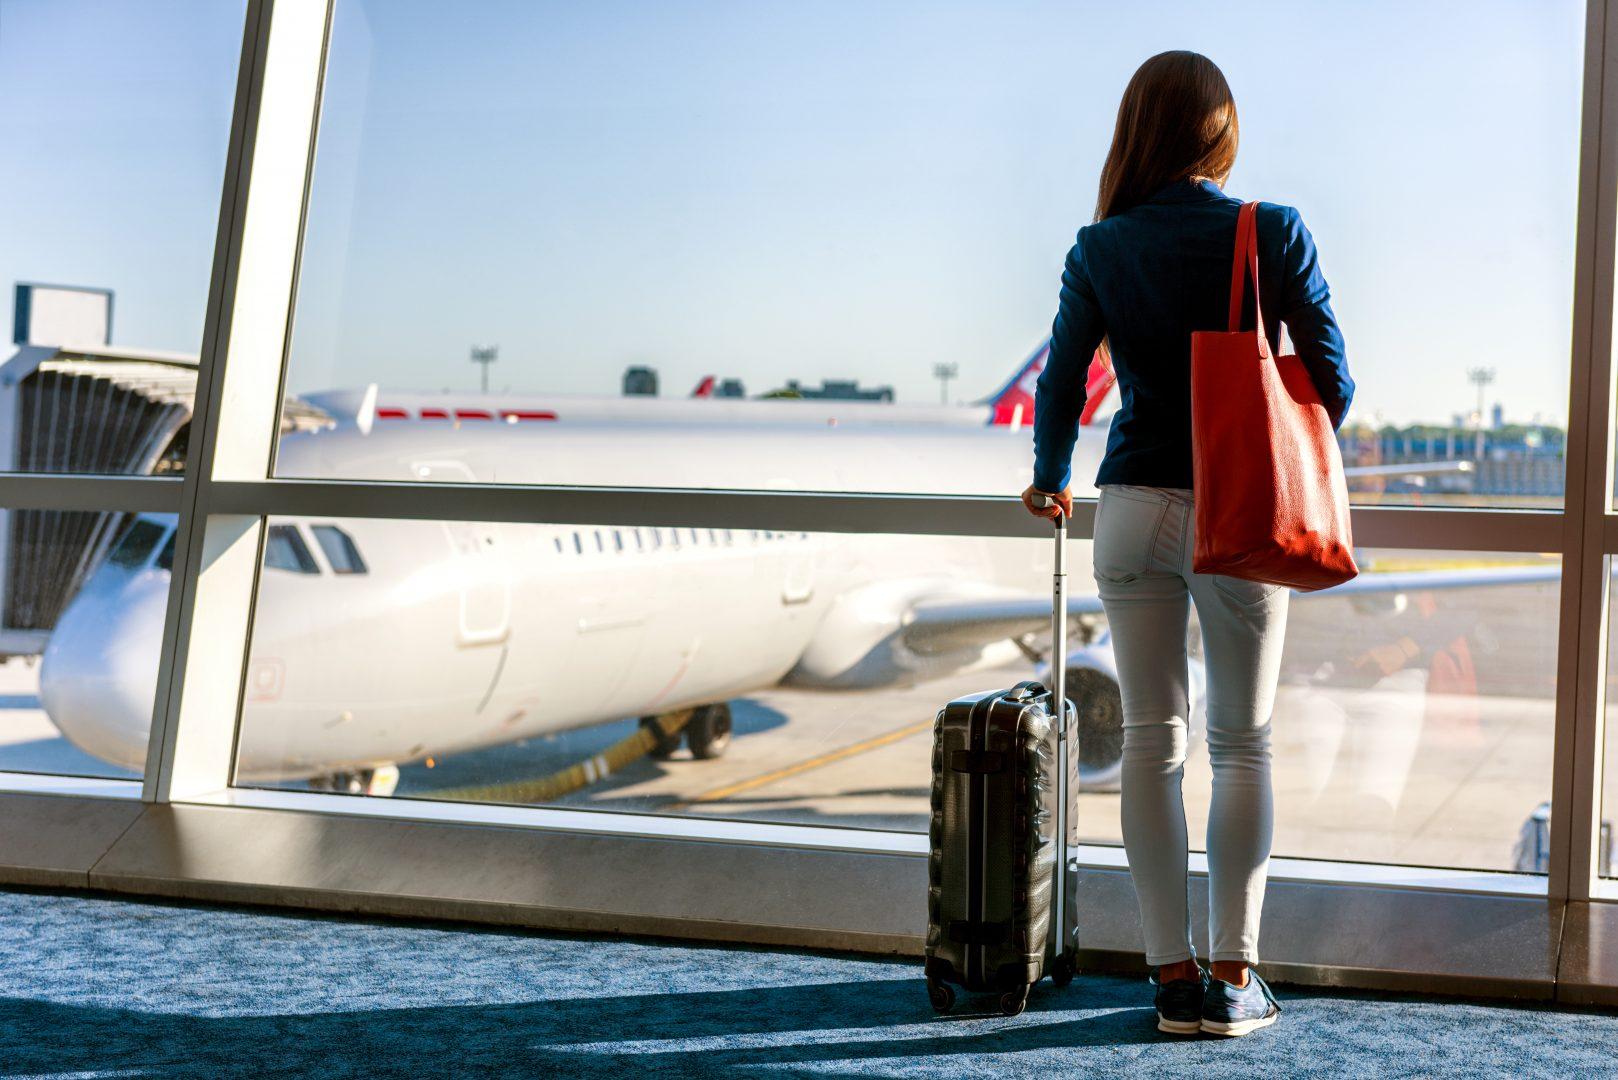 Полети до Мъртъл Бийч за твоята бригада в САЩ - информация за авикомпании, за летището, съвети за транспорт. Какви места може да посетиш в Myrtle Beach